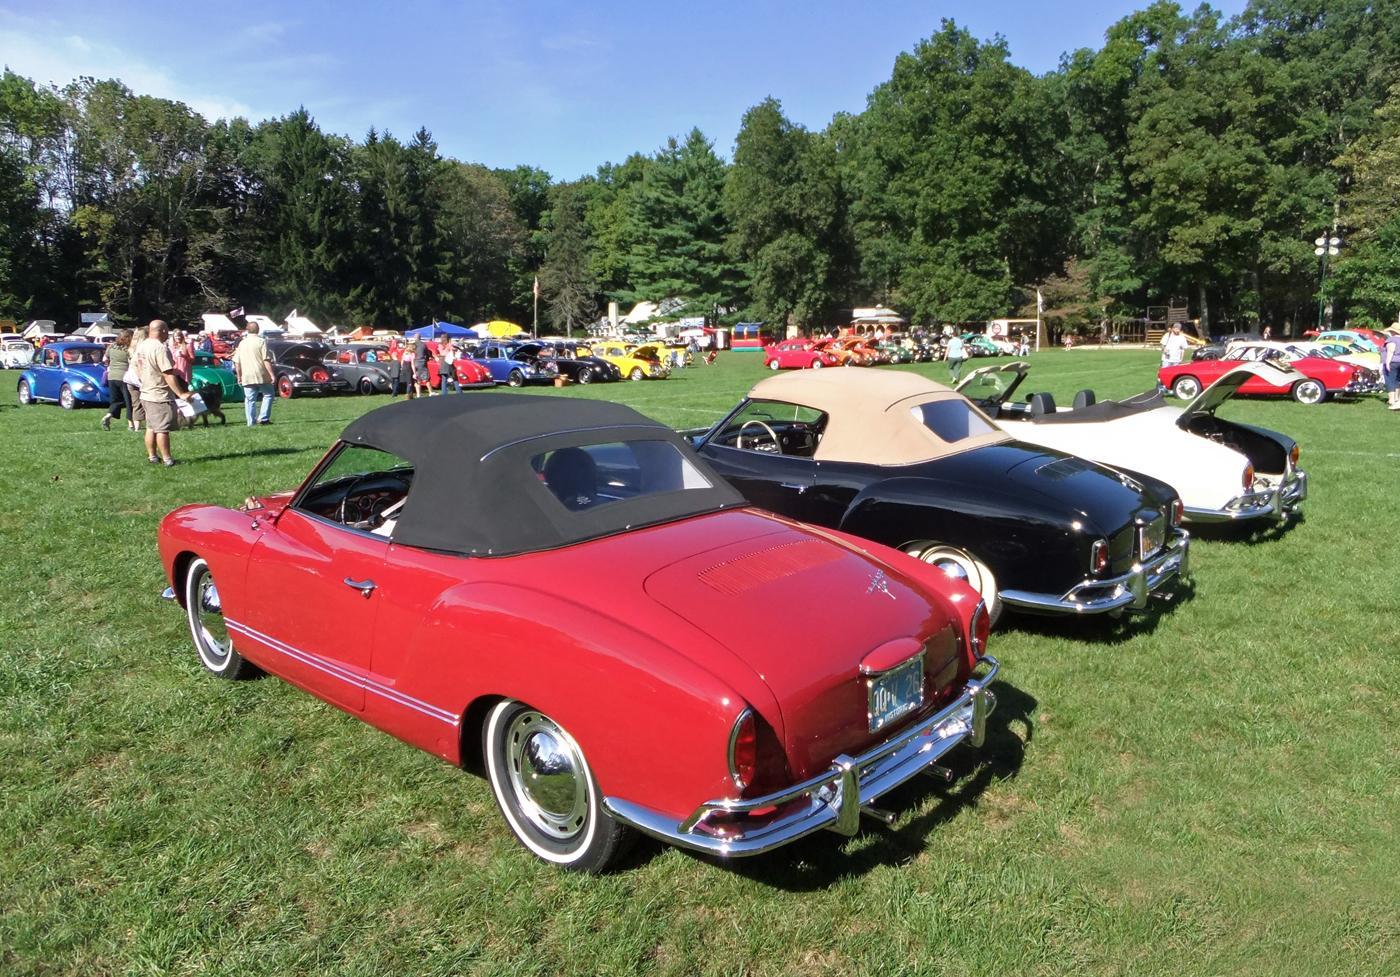 Ghia Convertibles at Flanders NJ Aircooled Gathering Sept. 2012